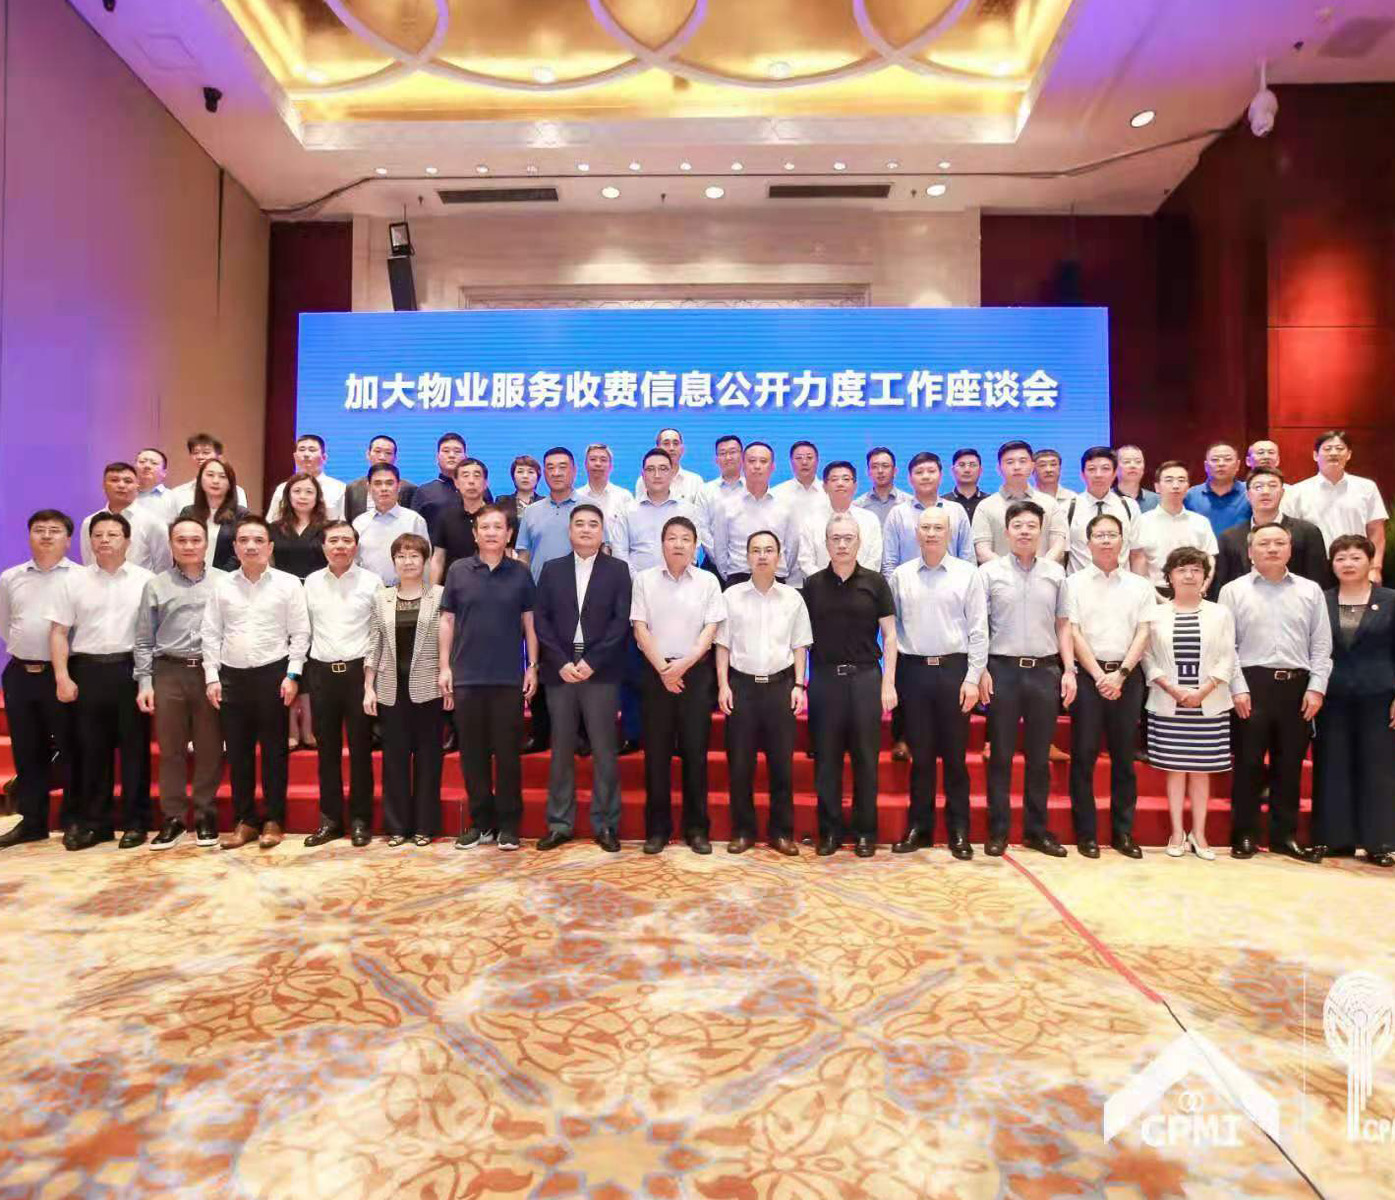 集团王玮董事长出席中国物协常务理事会